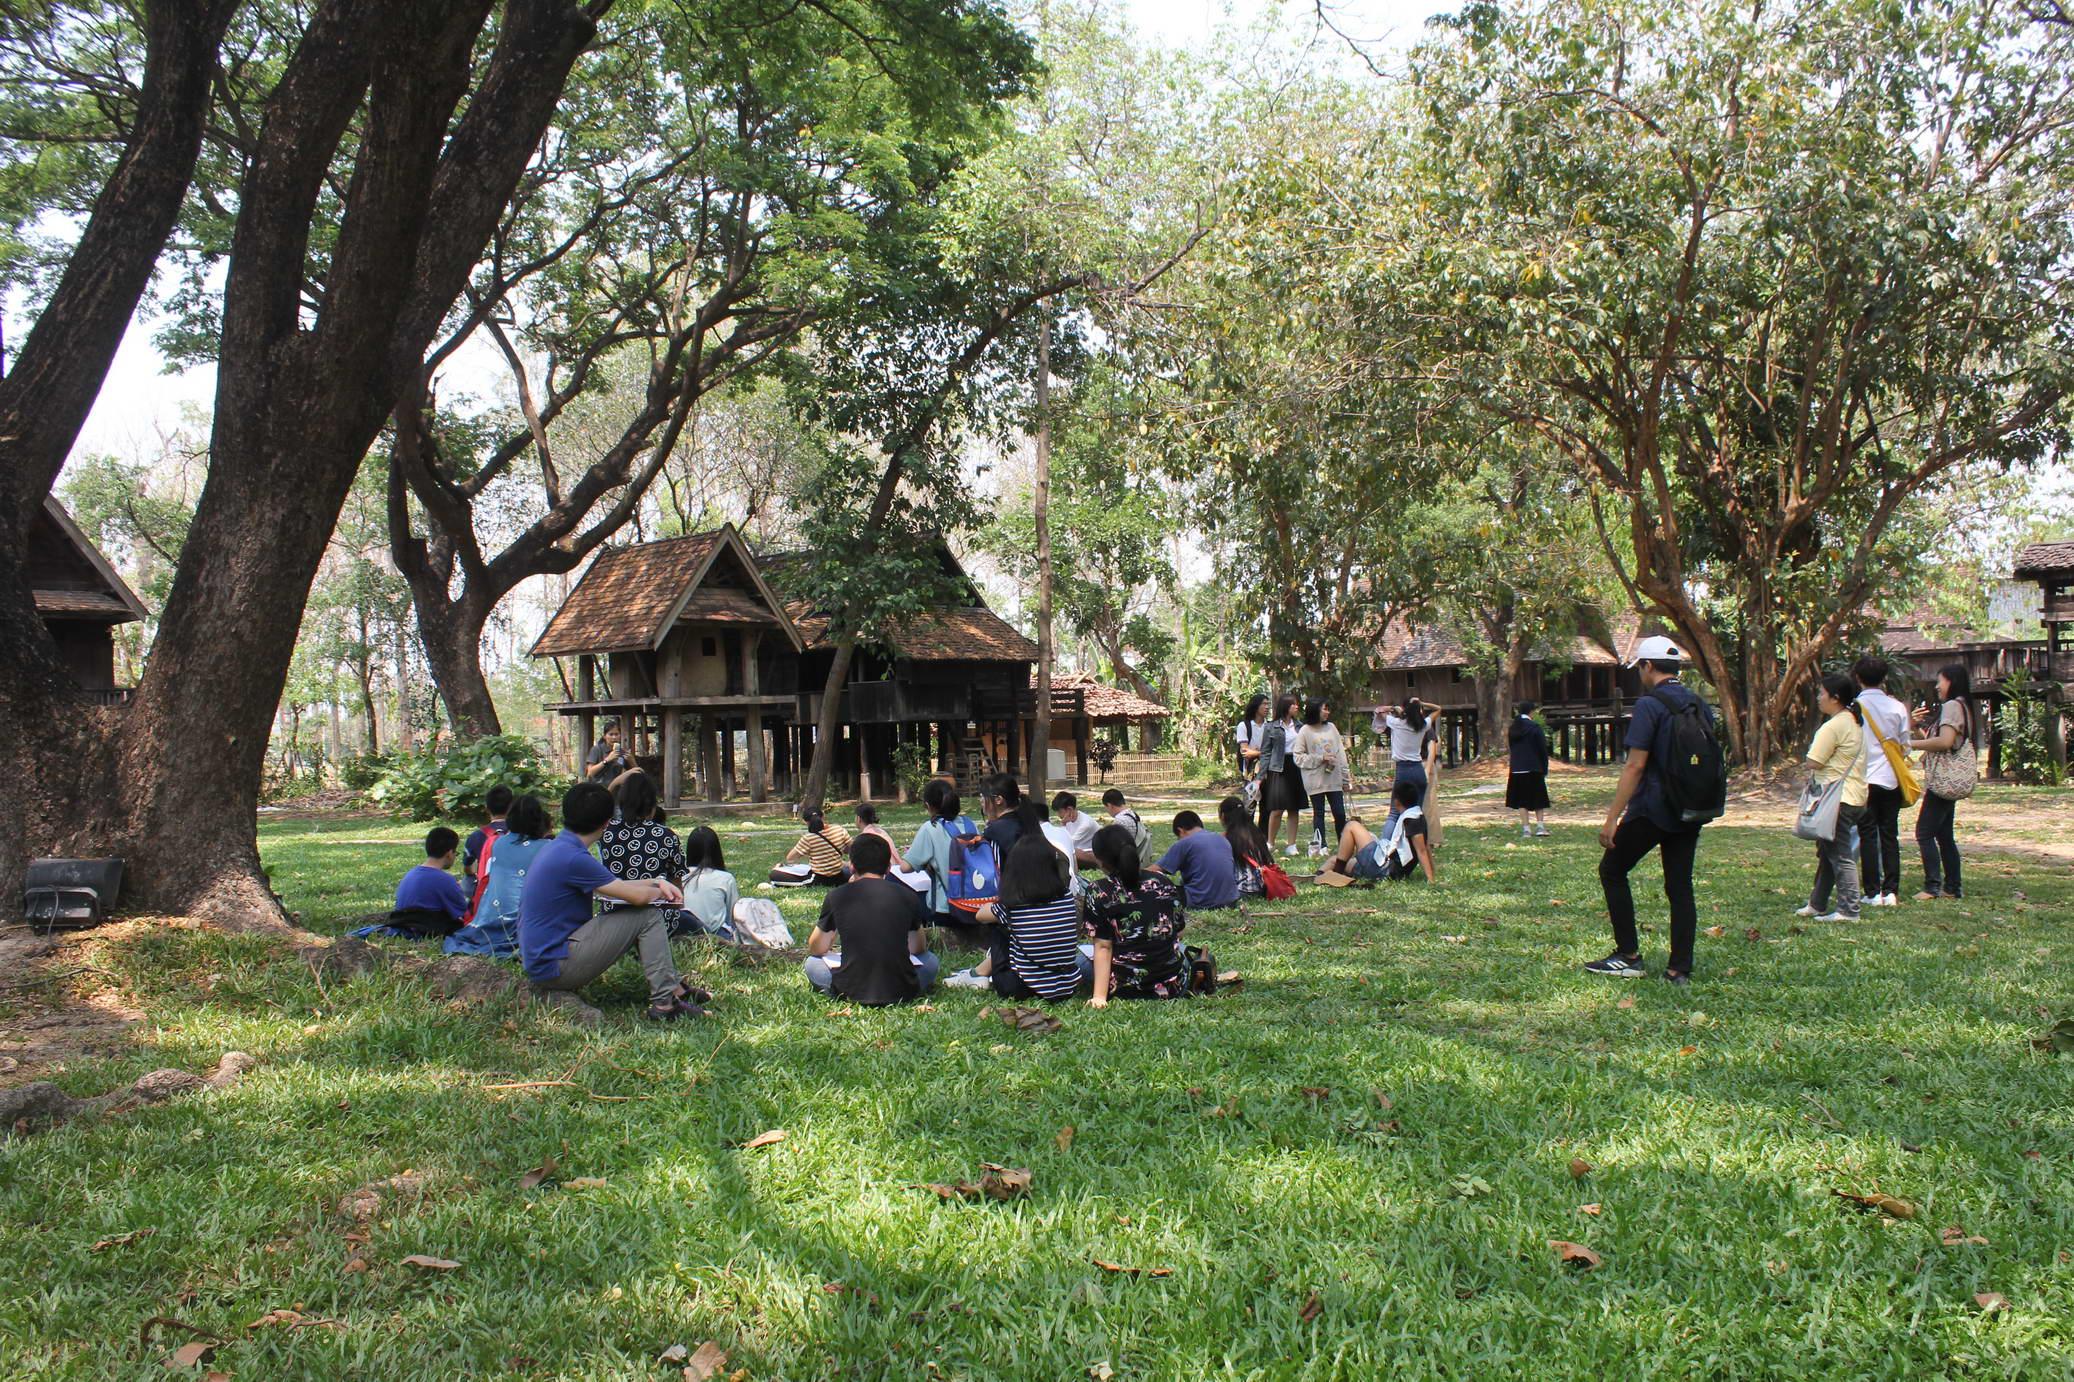 ต้อนรับผู้เข้าร่วมโครงการชิมลางสถาปัตย์ครั้งที่ 21